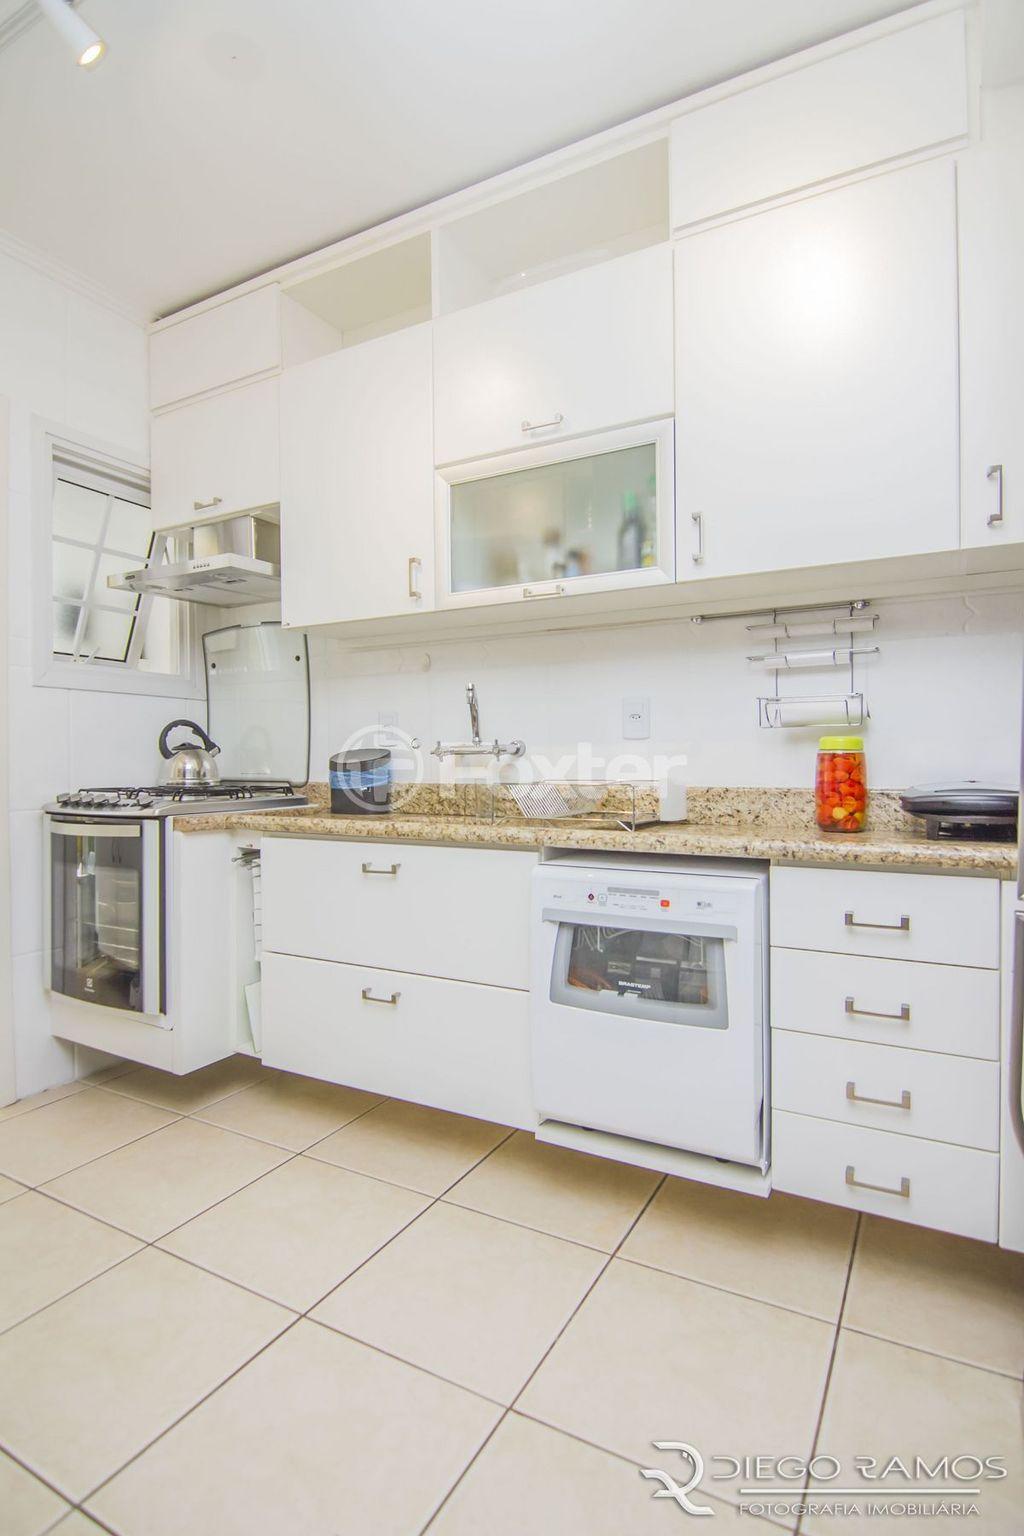 Casa 4 Dorm, Vila Assunção, Porto Alegre (119790) - Foto 8